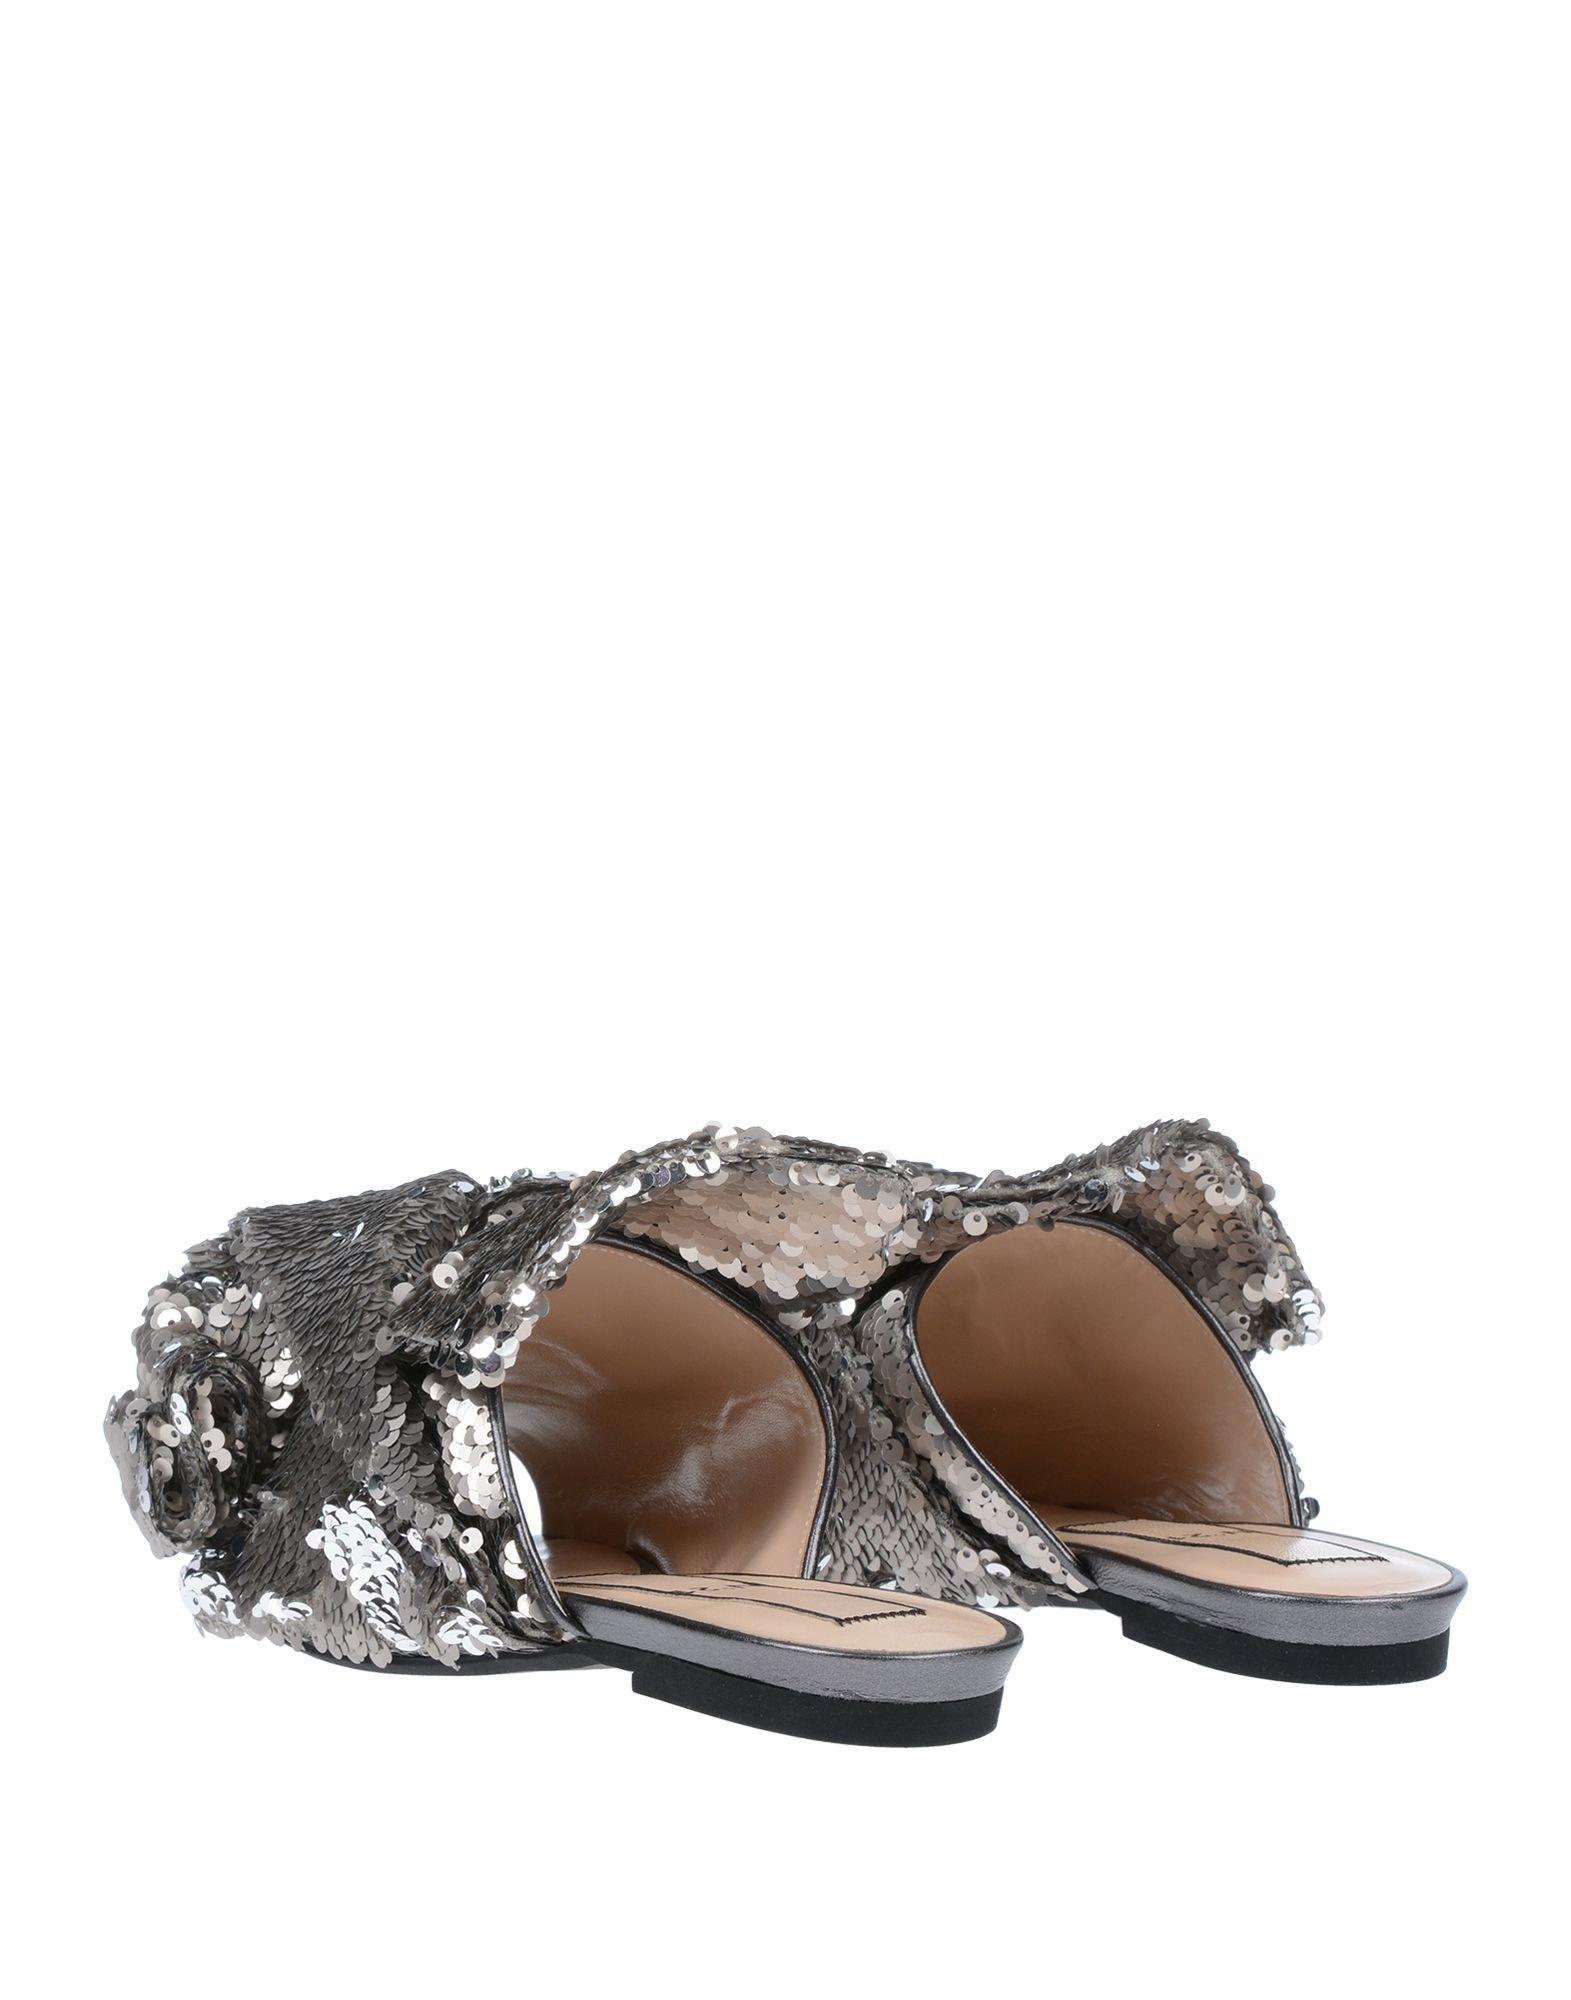 318a1d2a3e4a6 Lyst - N°21 Sandals in Metallic